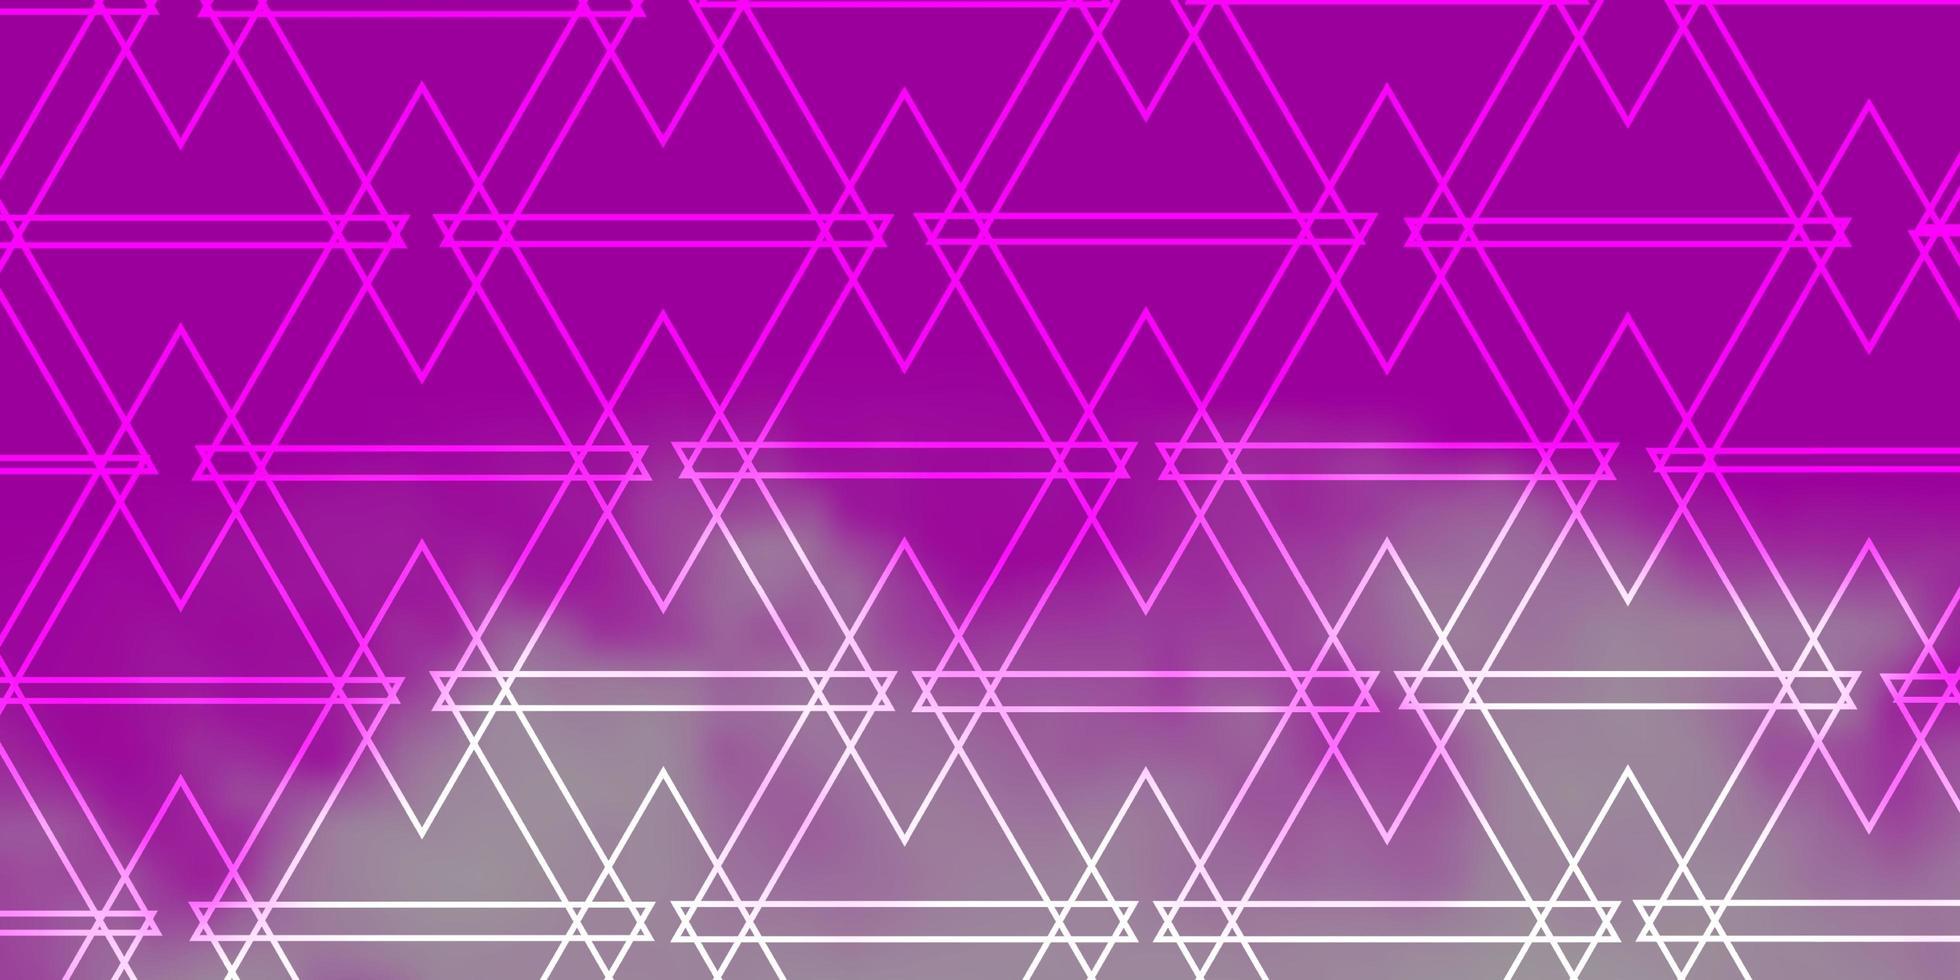 costura padrão rosa com estilo poligonal. vetor